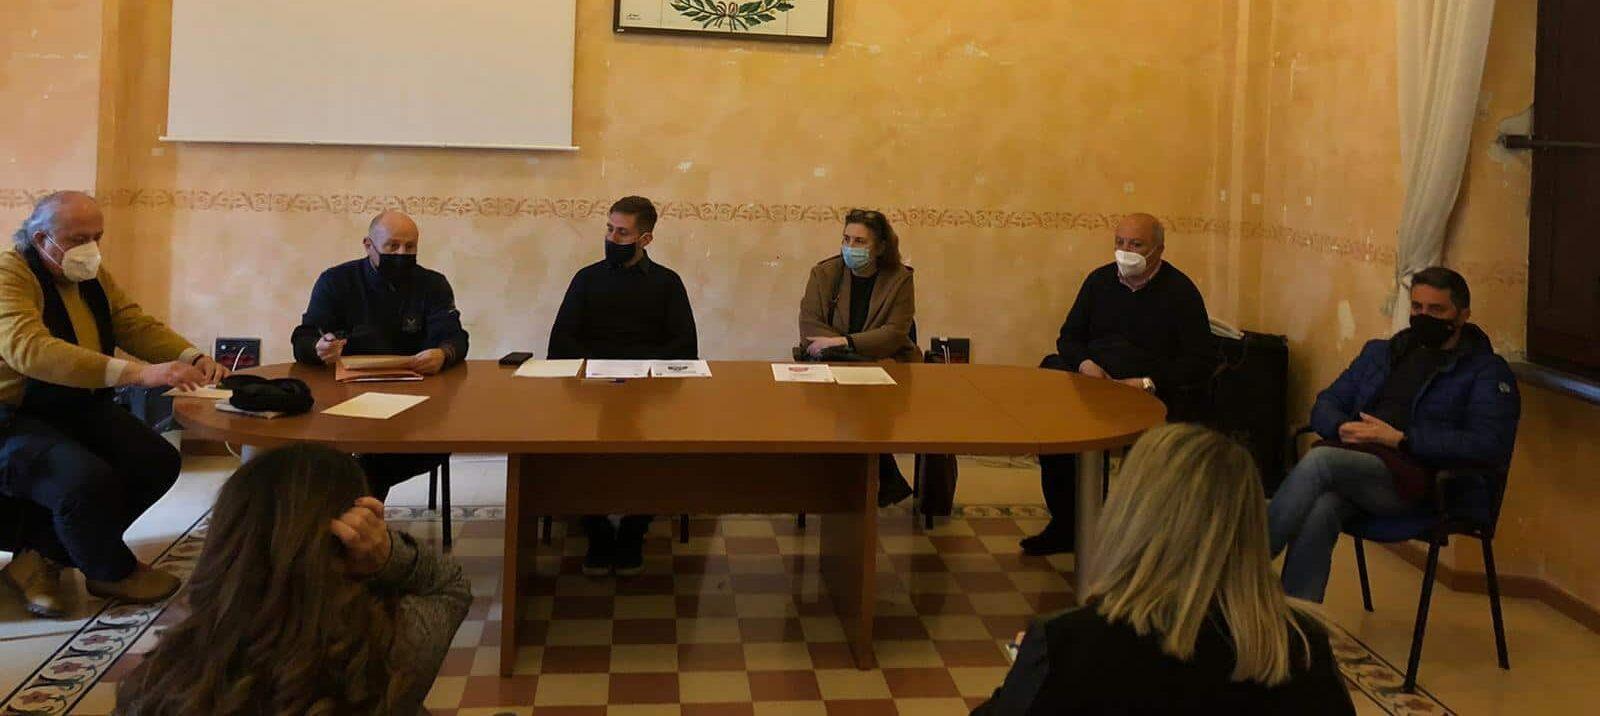 Patto per la lettura: la cultura al centro delle iniziative della Città di Avezzano